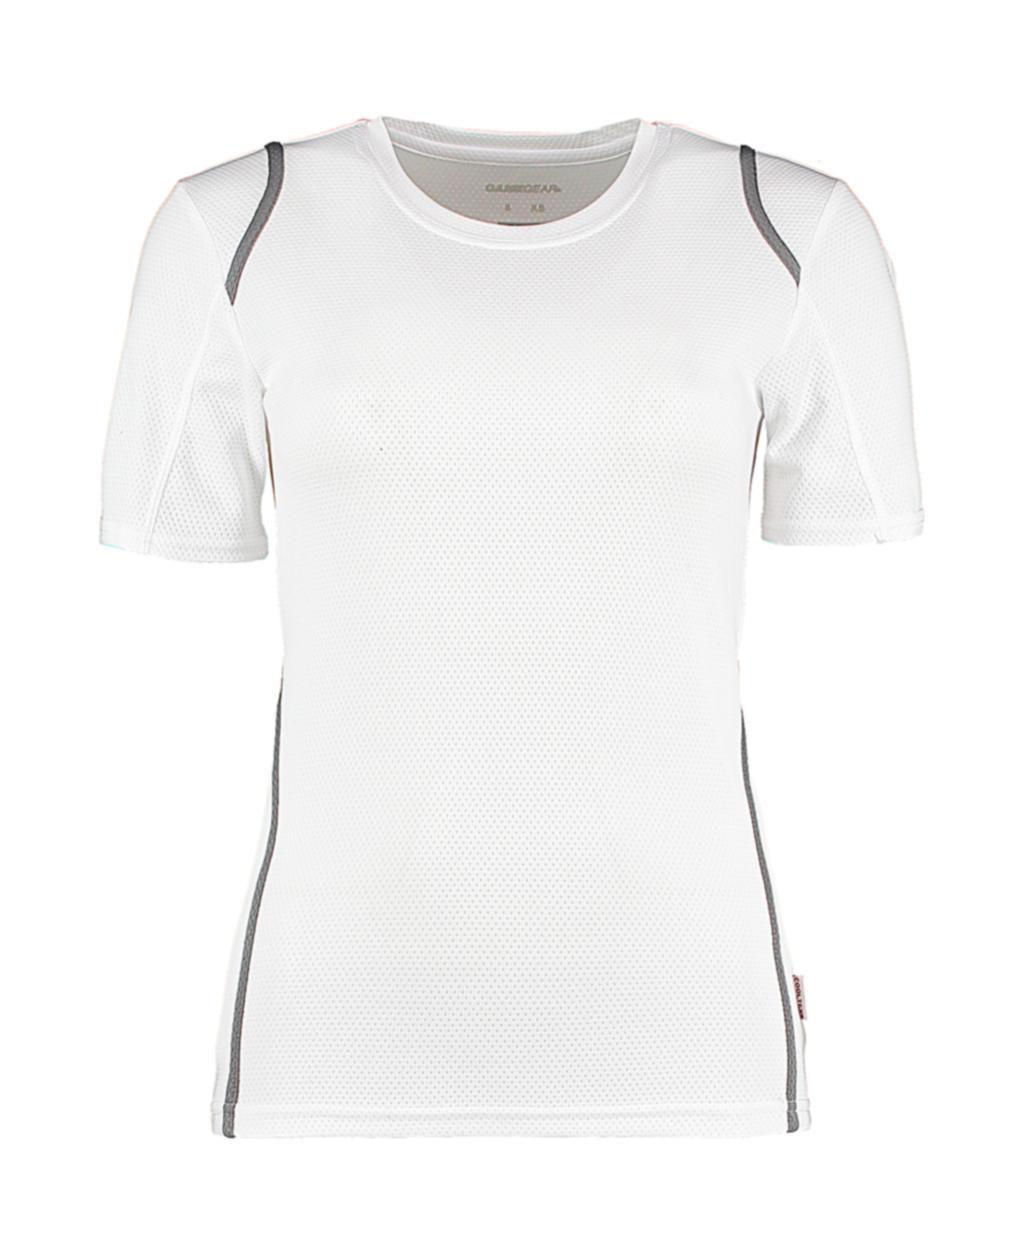 Lady Gamegear Cooltex T-Shirt